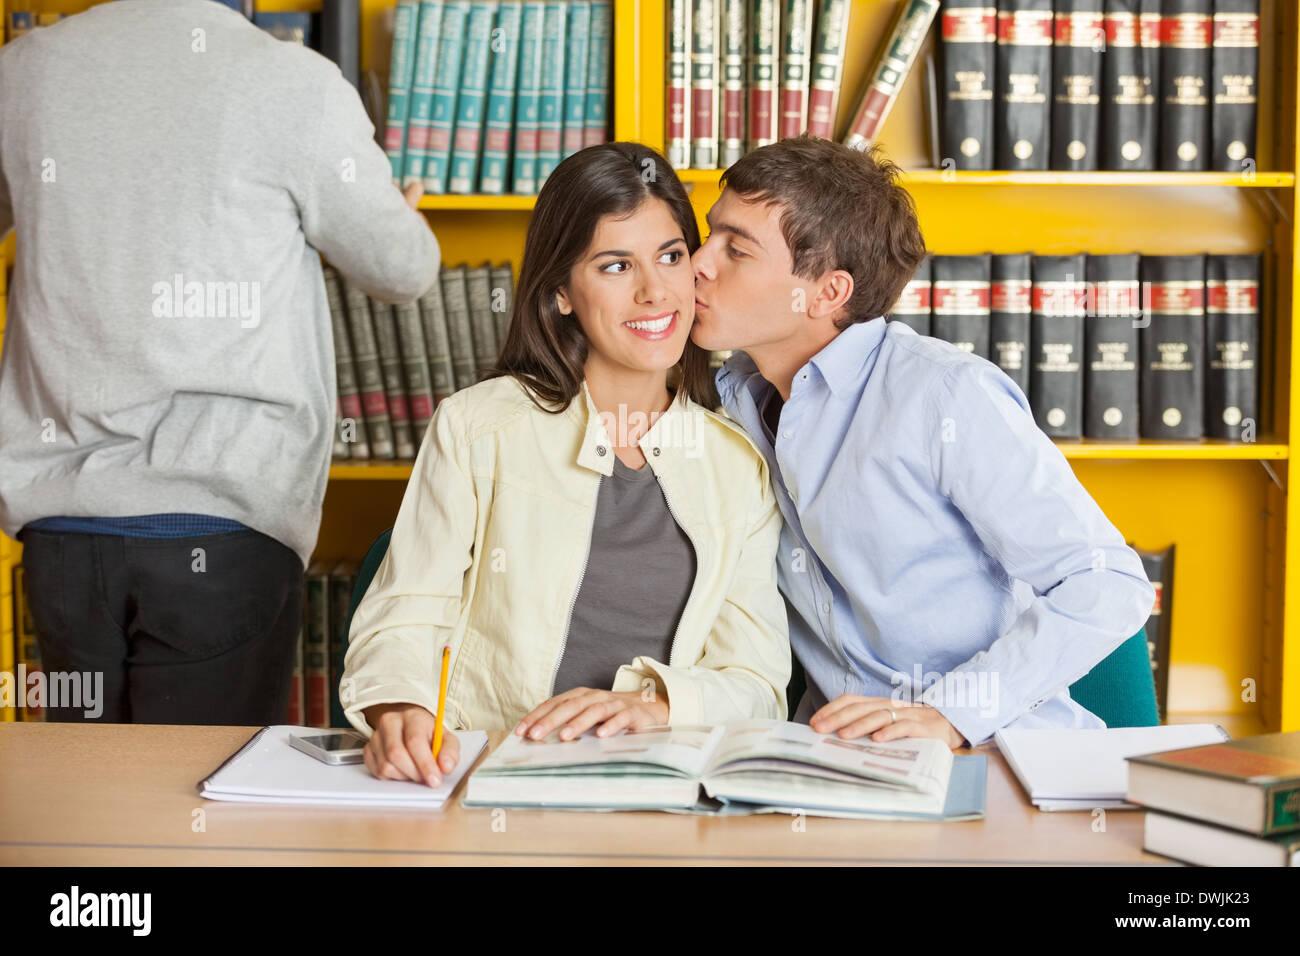 Mann, die Frau In der Universitätsbibliothek zu küssen Stockbild